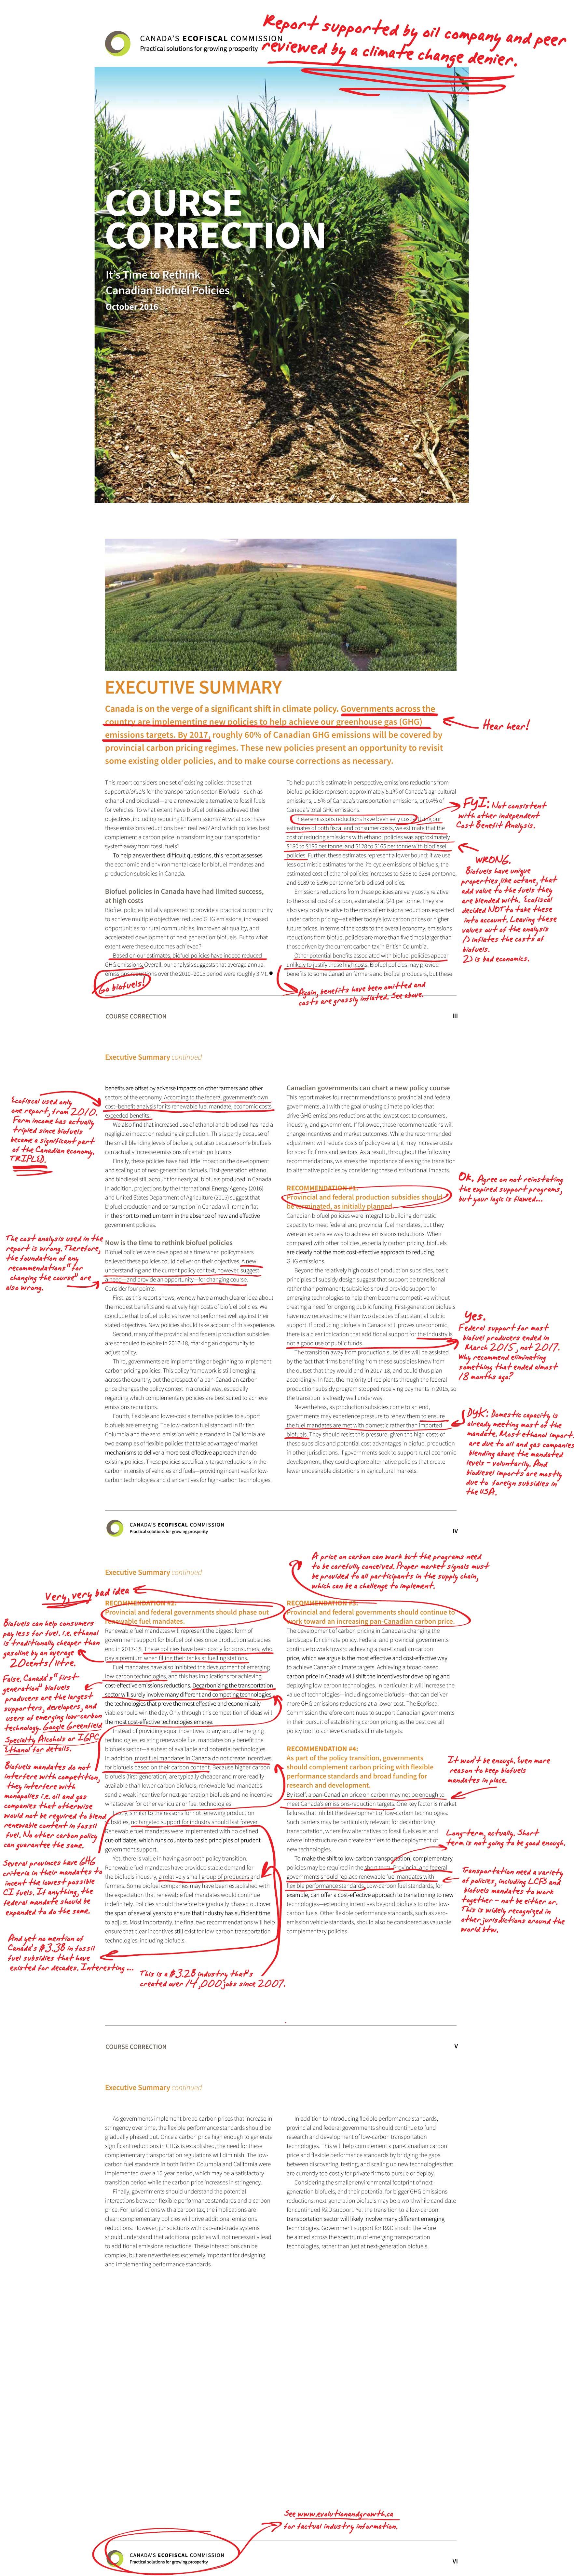 ric-response-markup-2016-10-4